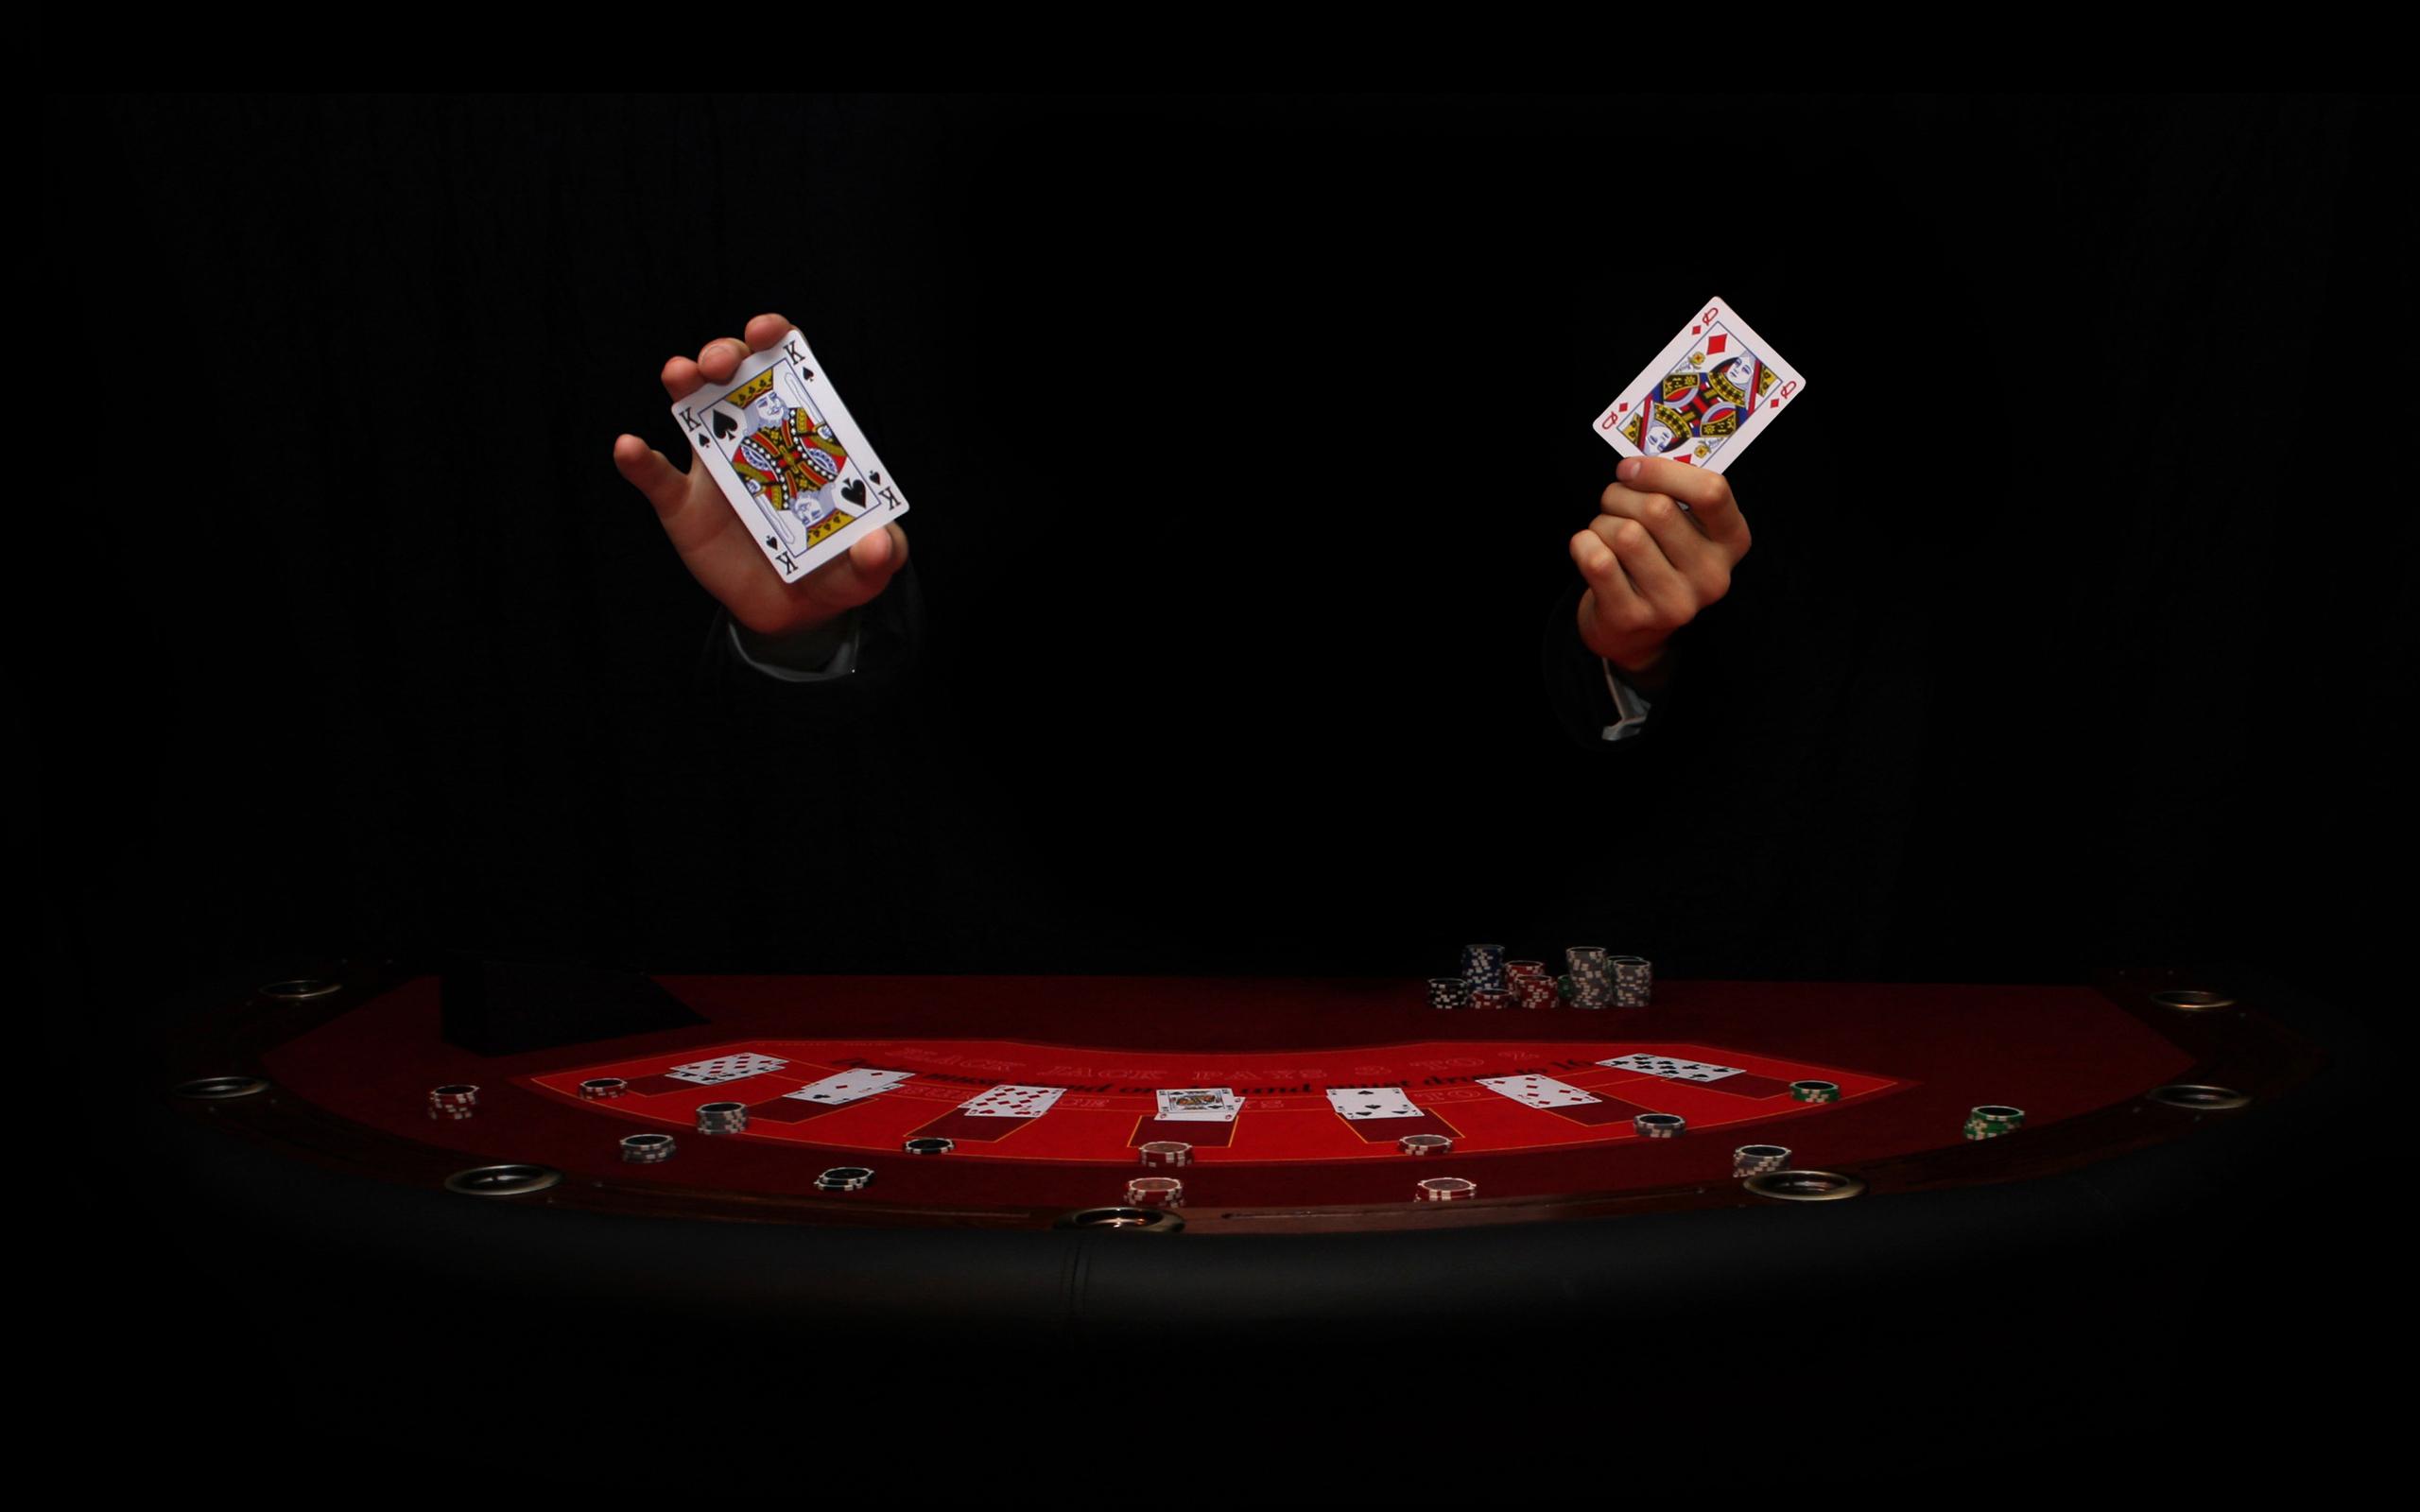 Онлайн рулетка новосибирск как играть в карты игра пьяница